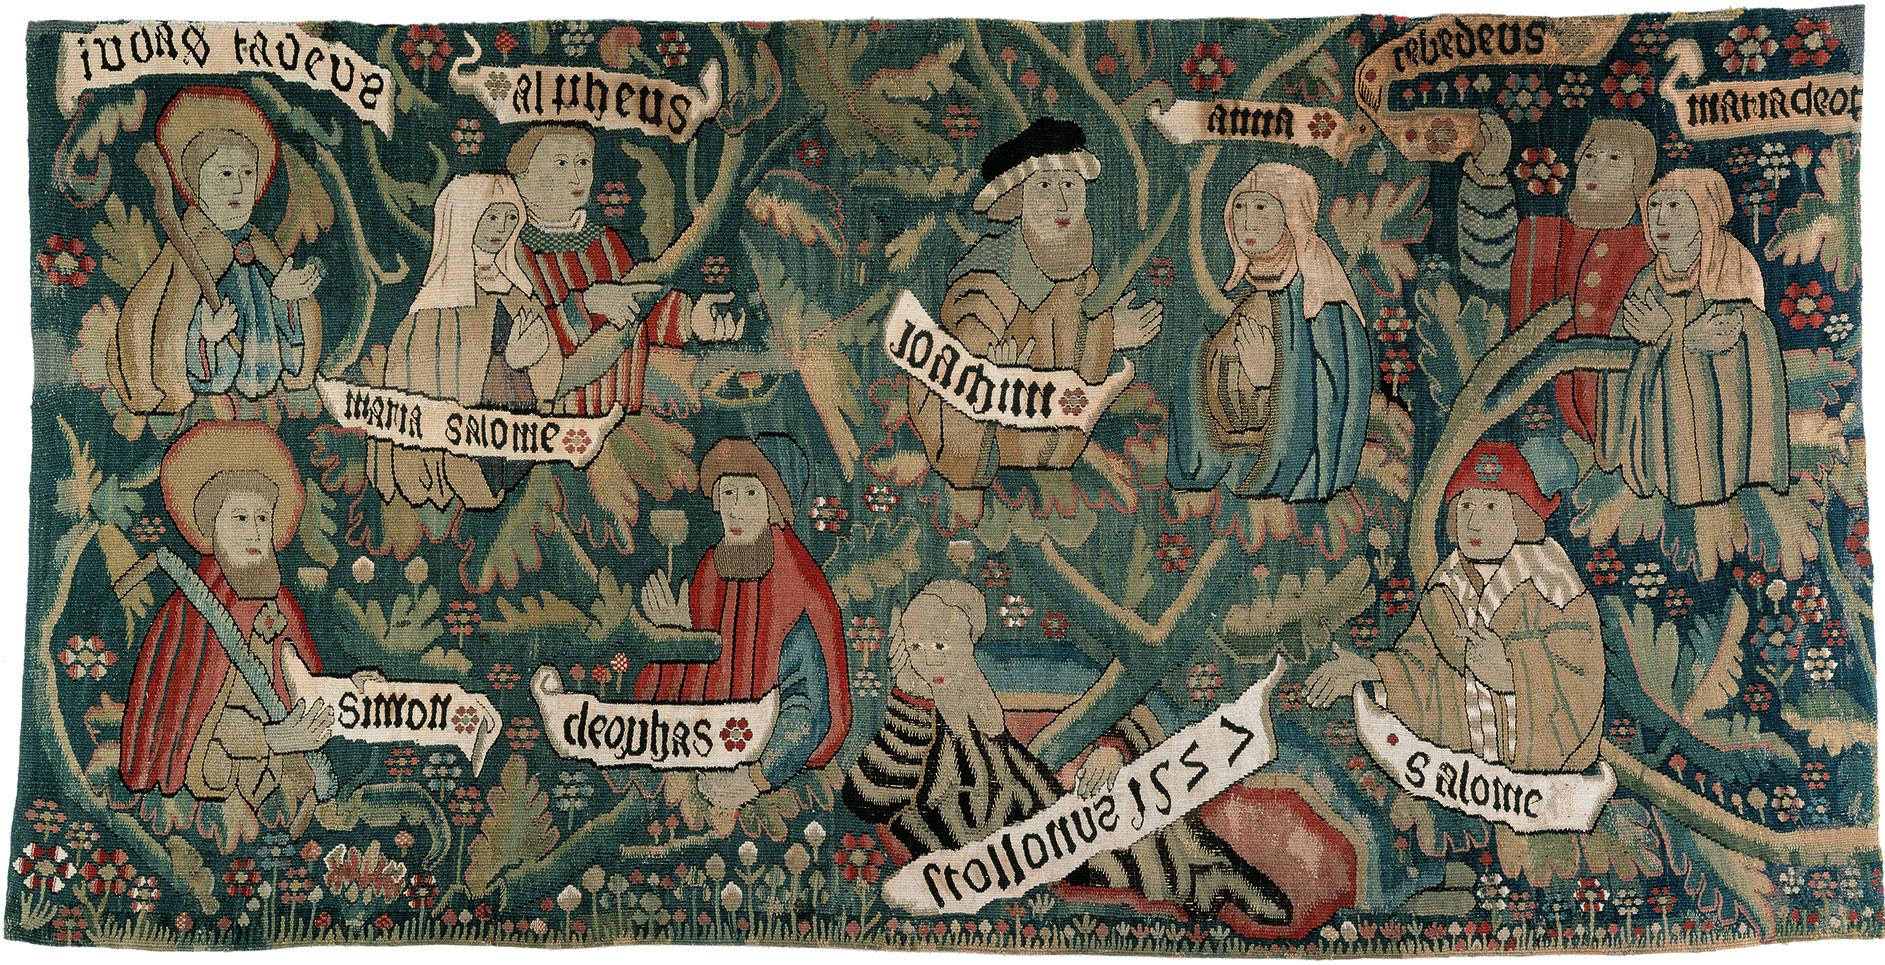 Bildteppich mit der Darstellung der Heiligen Sippe, Fragment, 1527, 61×118 cm; Domschatz- und Diözesanmuseum Eichstätt © Kunsthandlung Rudigier / Domschatz- und Diözesanmuseum Eichstätt